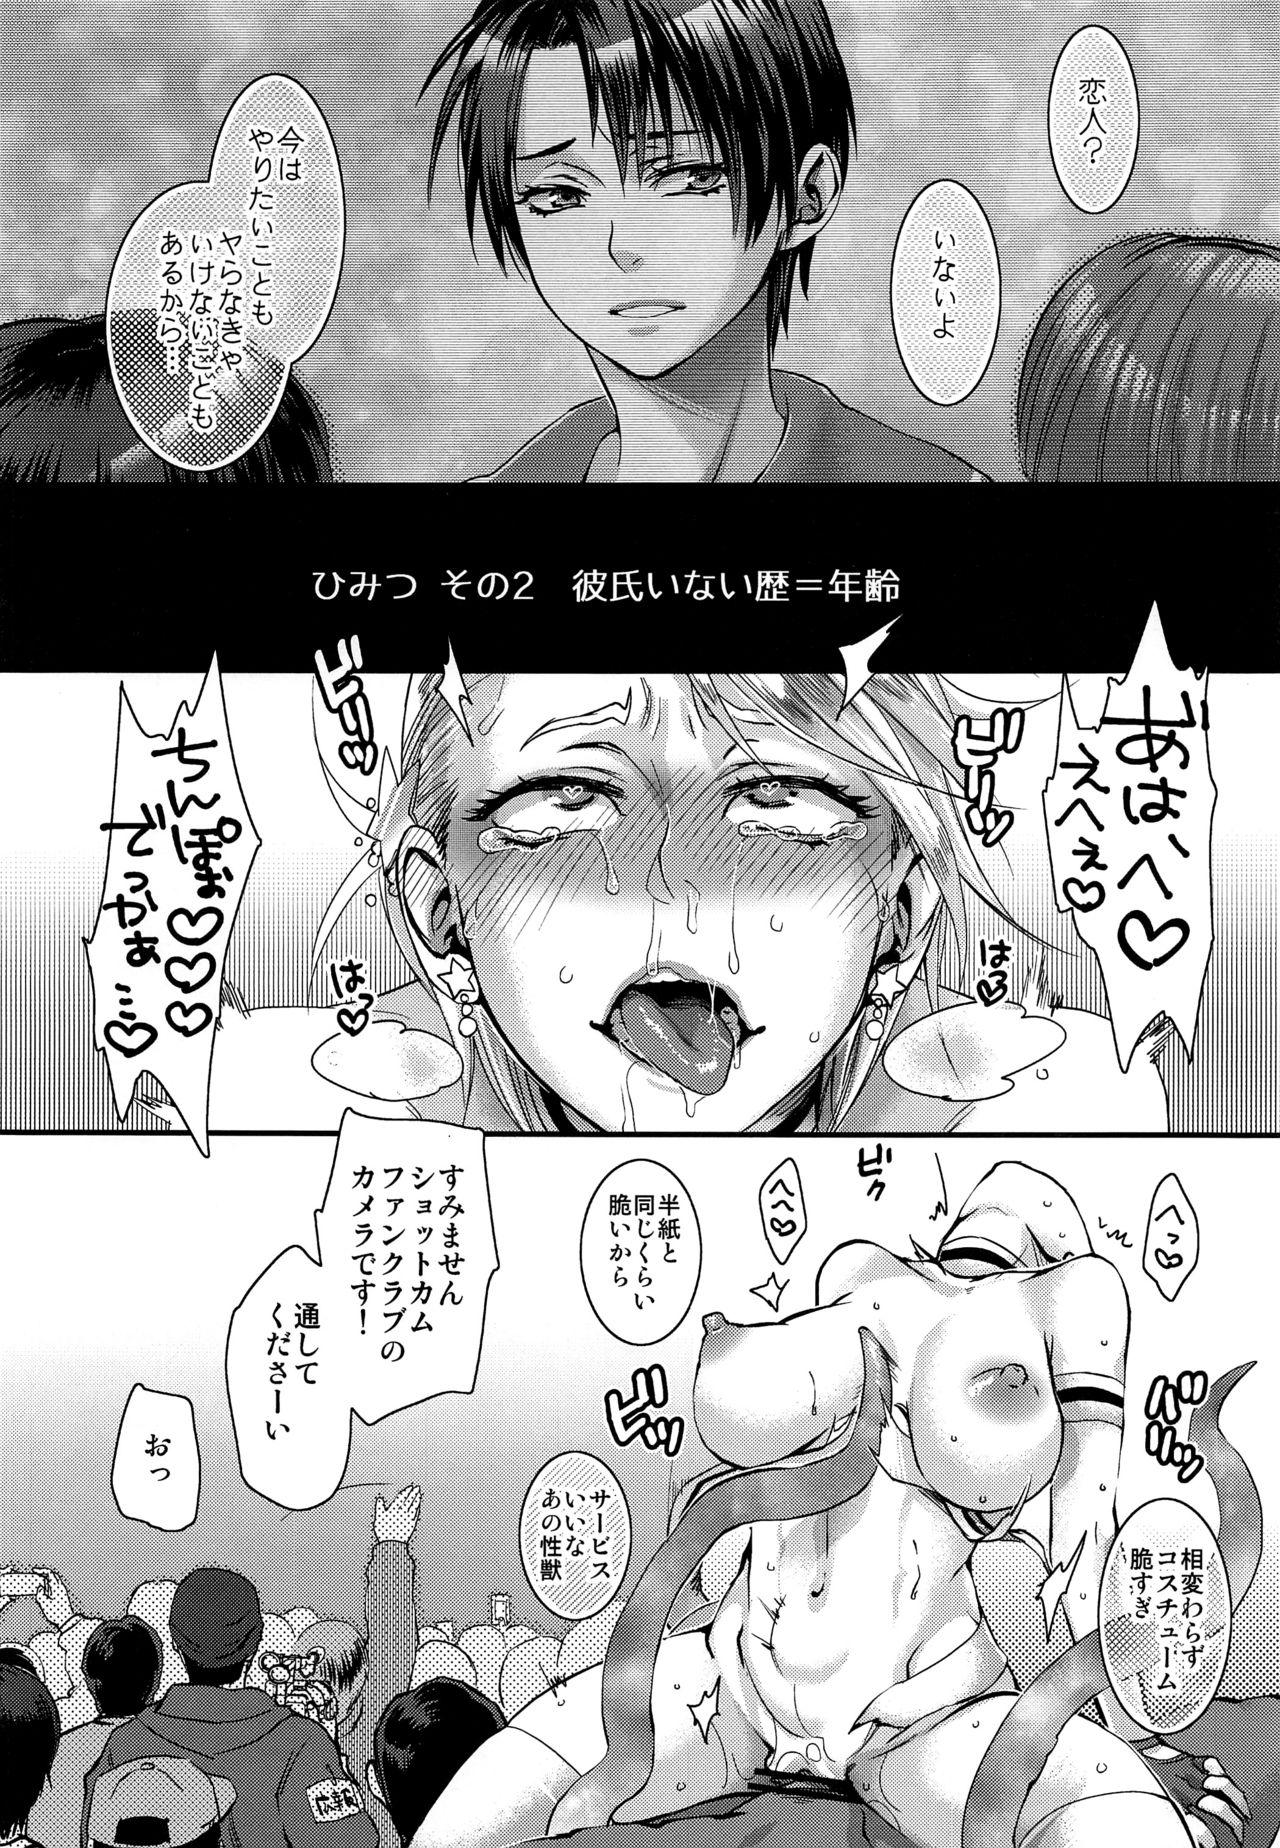 【エロ漫画・エロ同人】巨乳ヒロインが性獣と戦ってソッコー犯されてるwレイプされてるのを配信されて種付けセックスされちゃったwww (9)